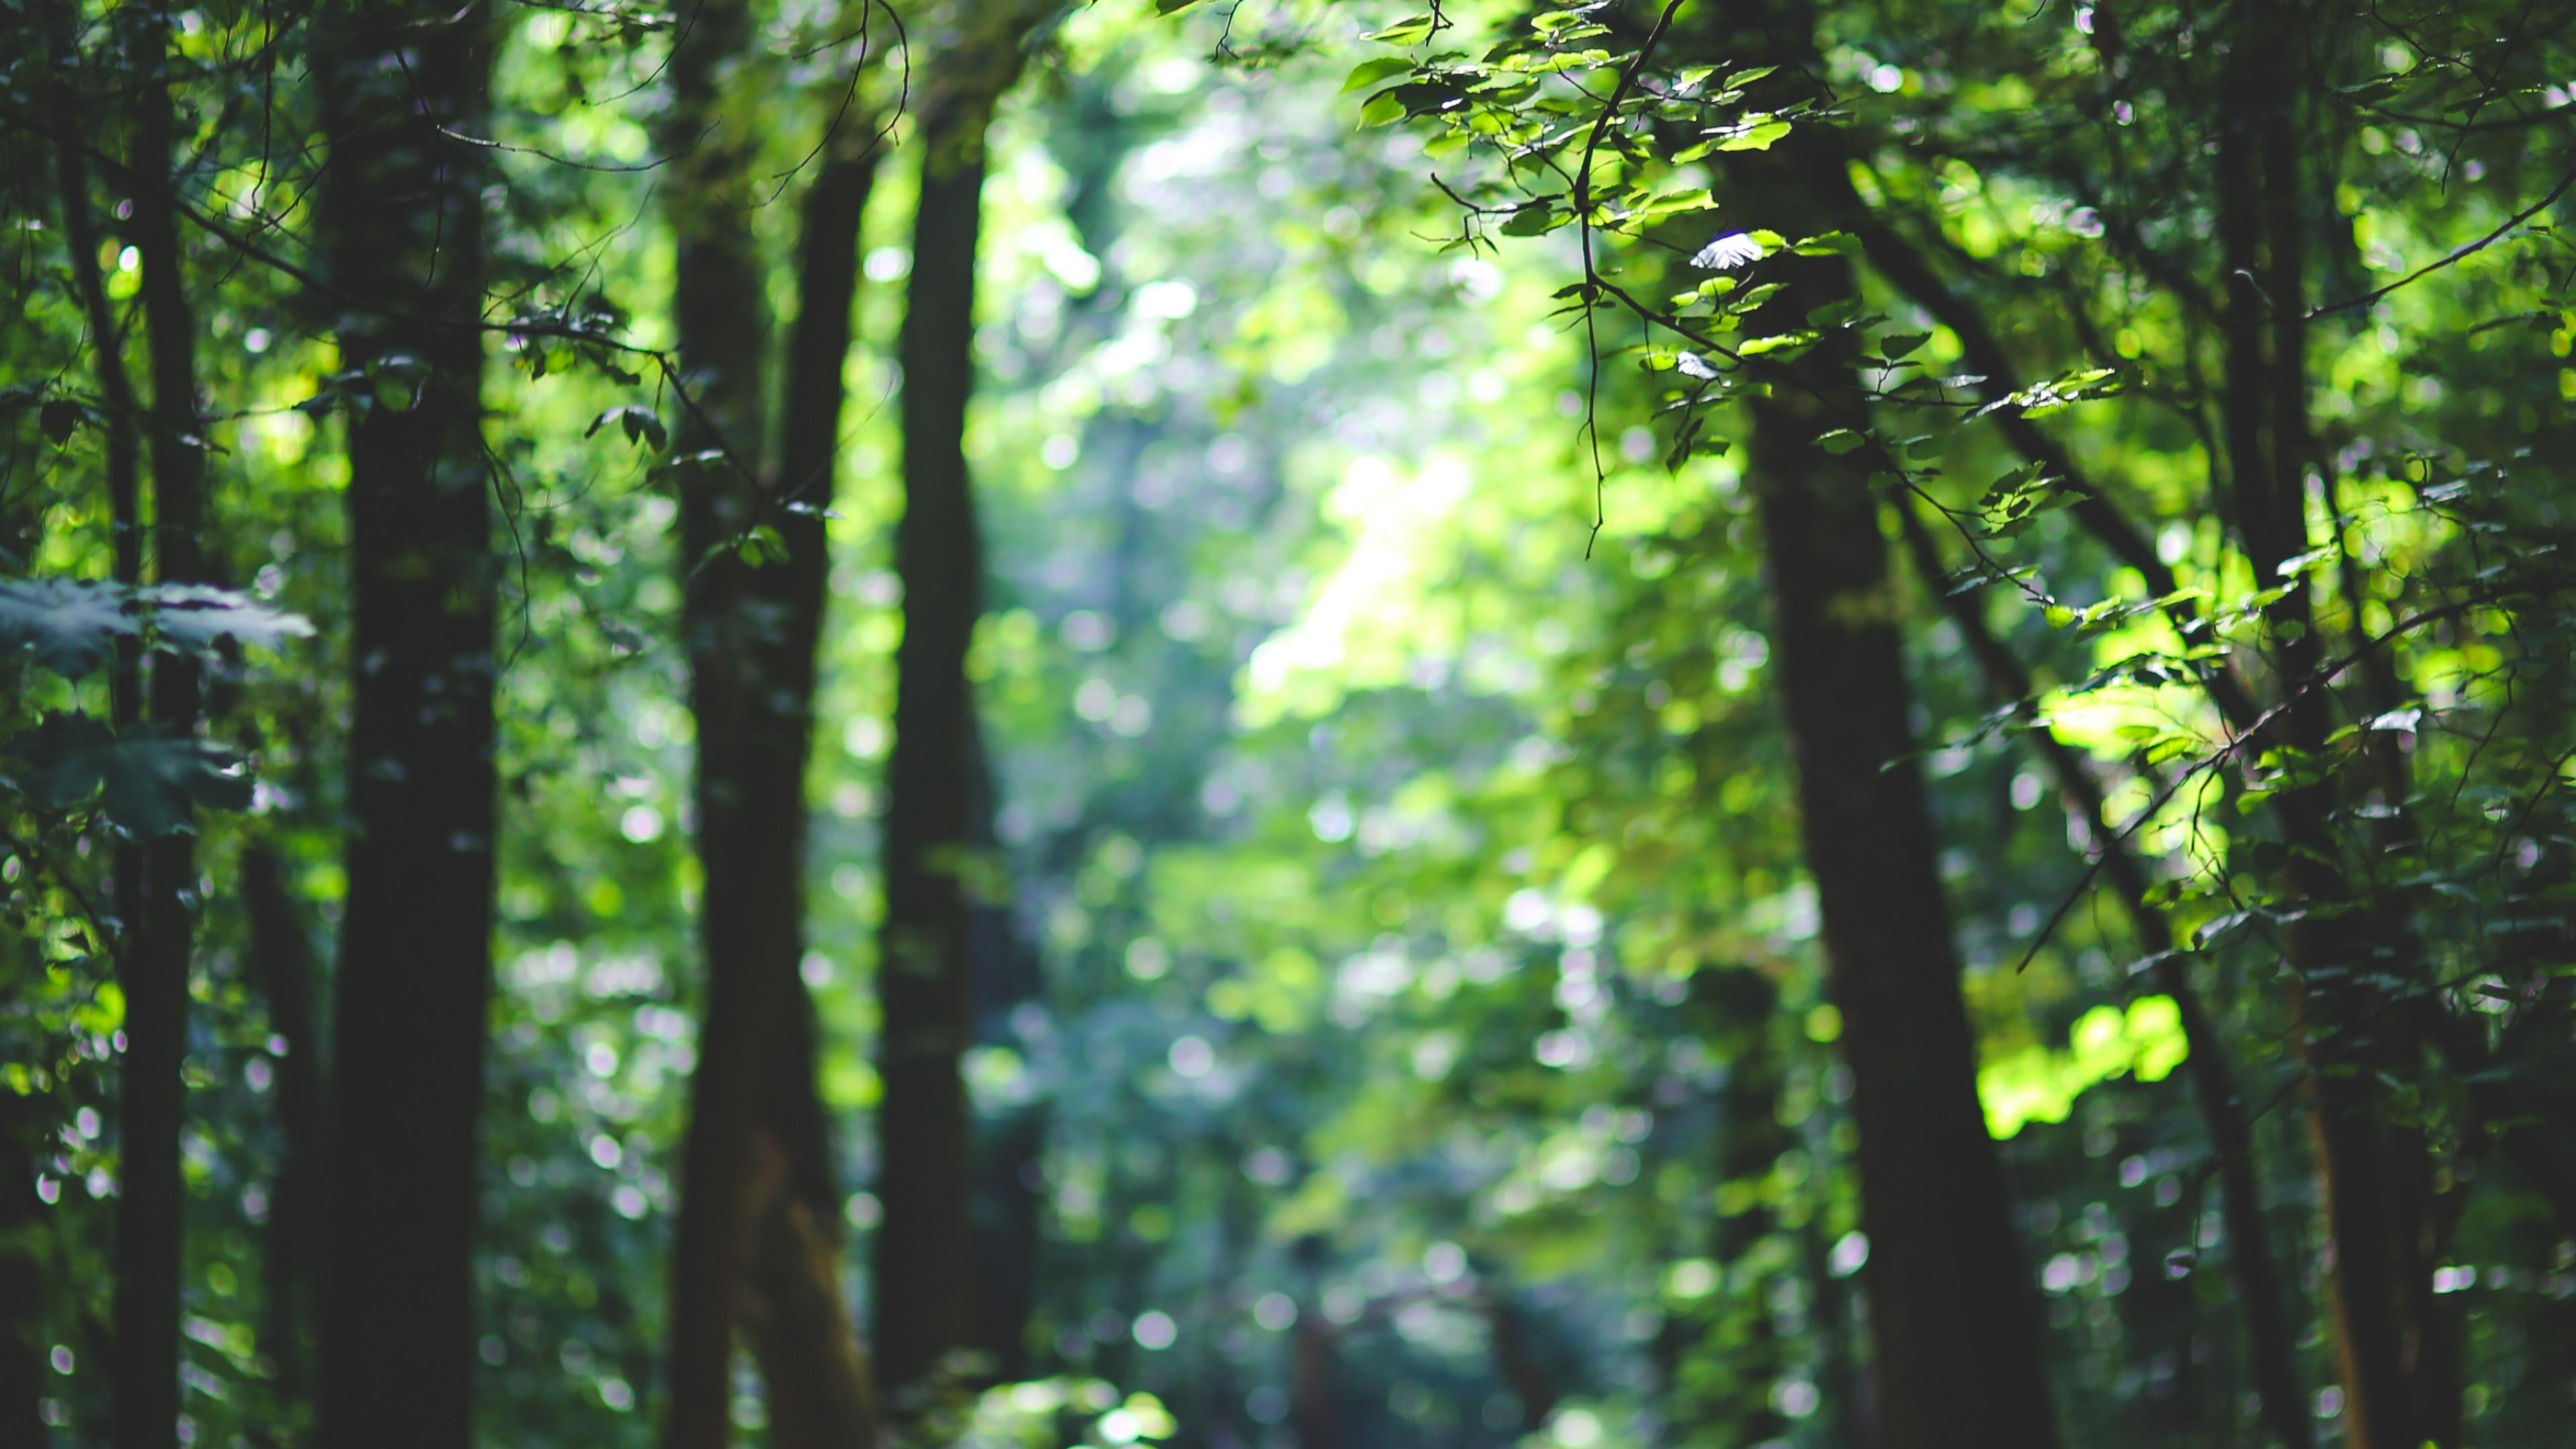 Wallpaper Forest 5k 4k Wallpaper 8k Trees Sunlight